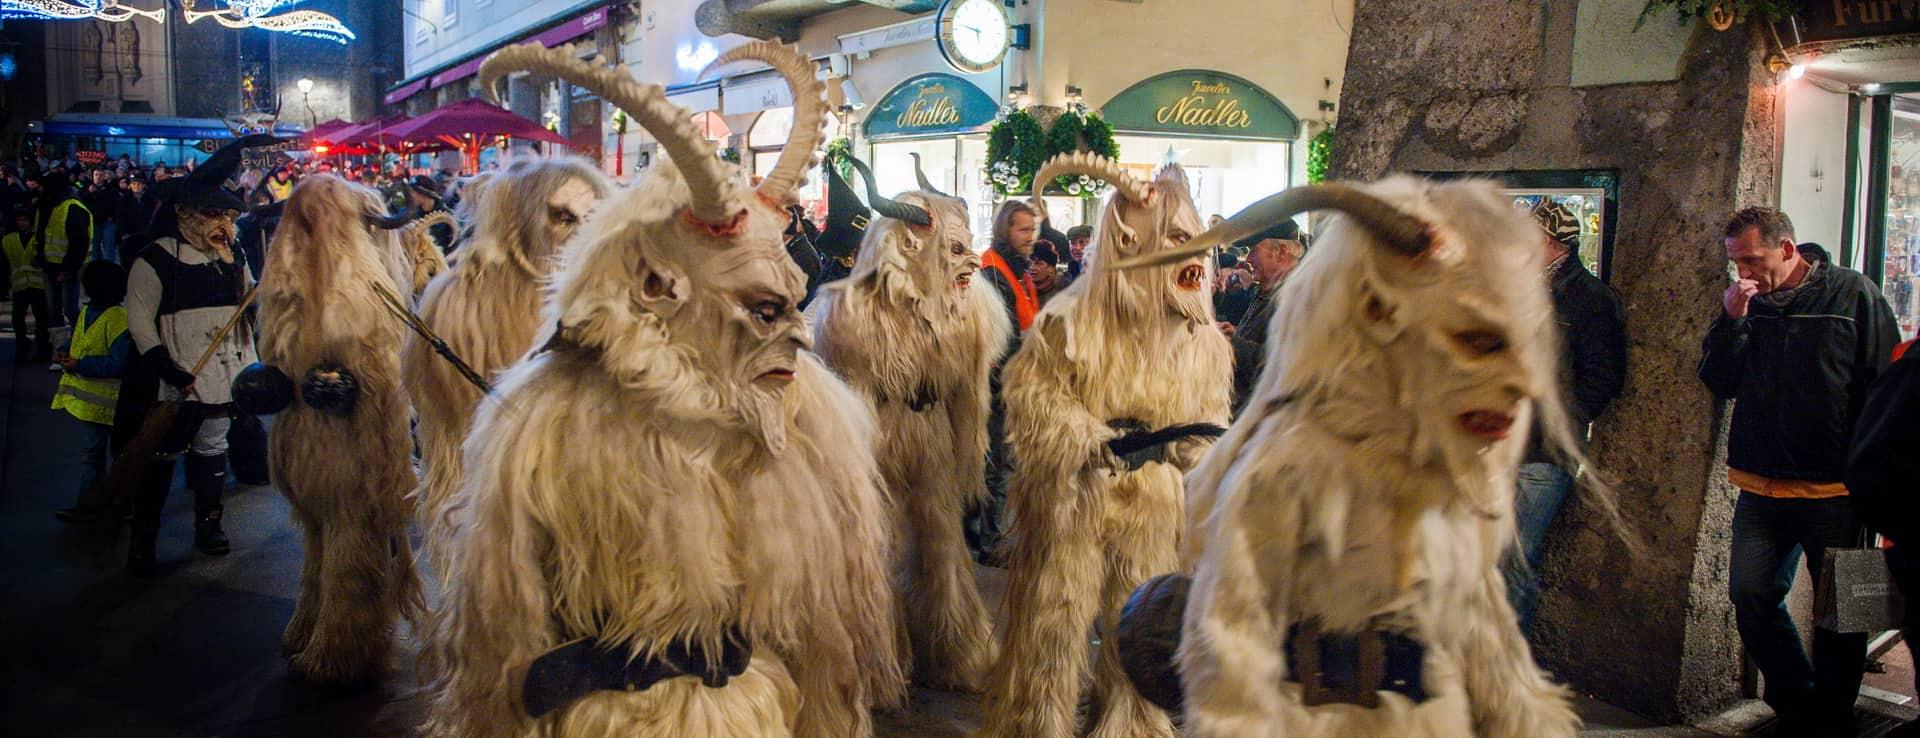 Jul julmarknad Advent adventmarknad Vinter Salzburg semester vintersemester Christkindlmarkt Österrike tradition perchten perchtenlauf gamla stan